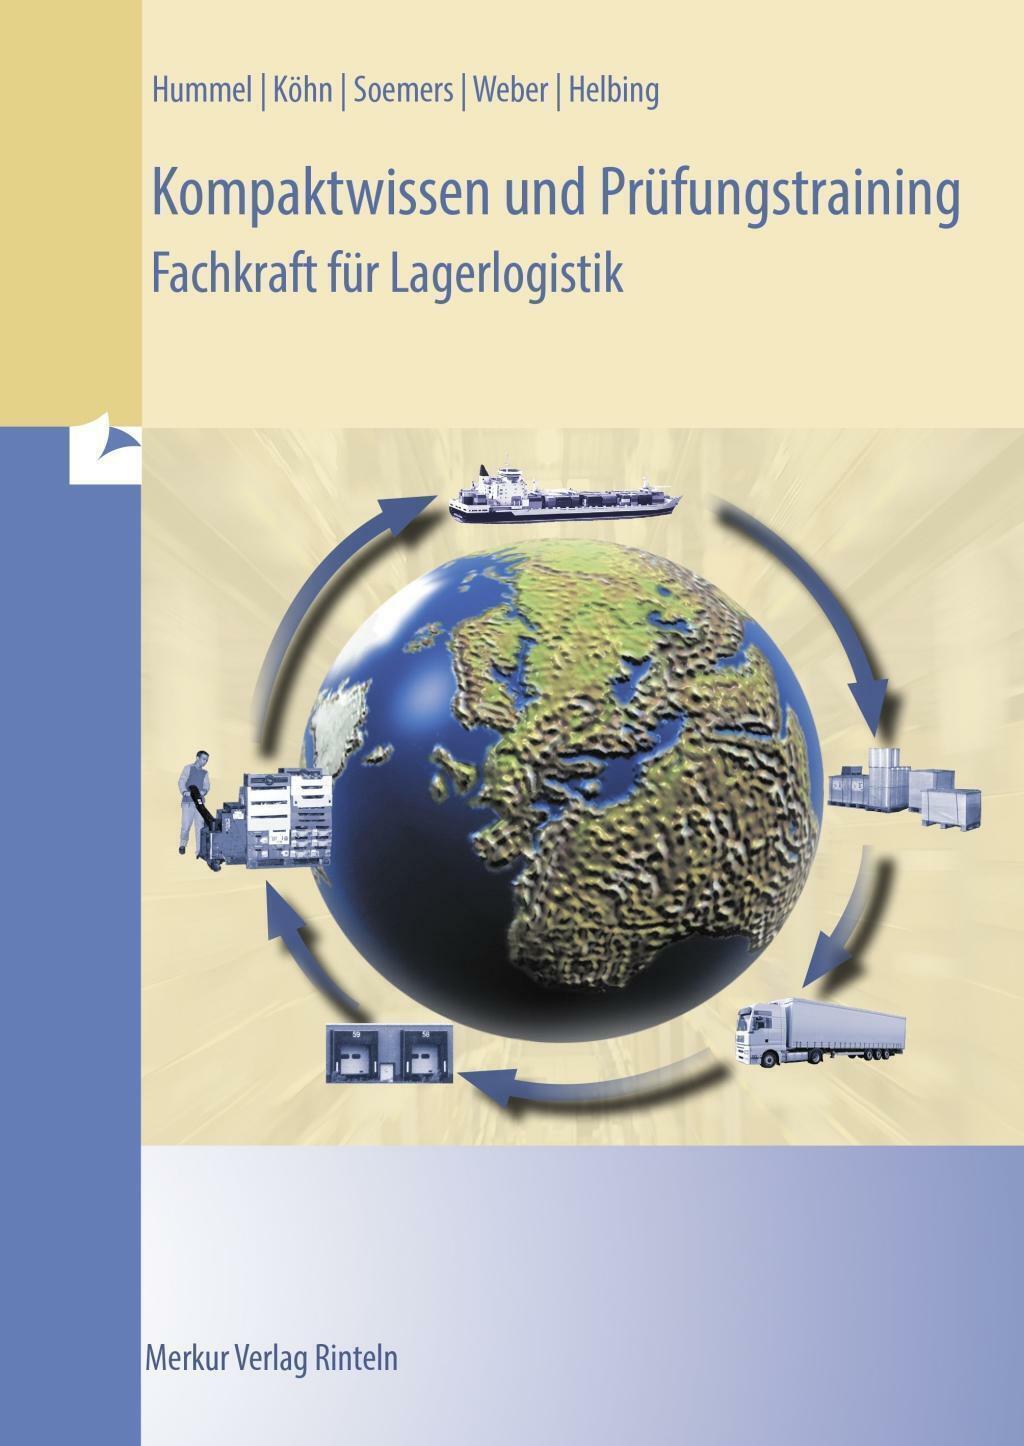 Kompaktwissen und Prüfungstraining - Fachkraft für Lagerlogi ... 9783812005708 - Christof Hummel